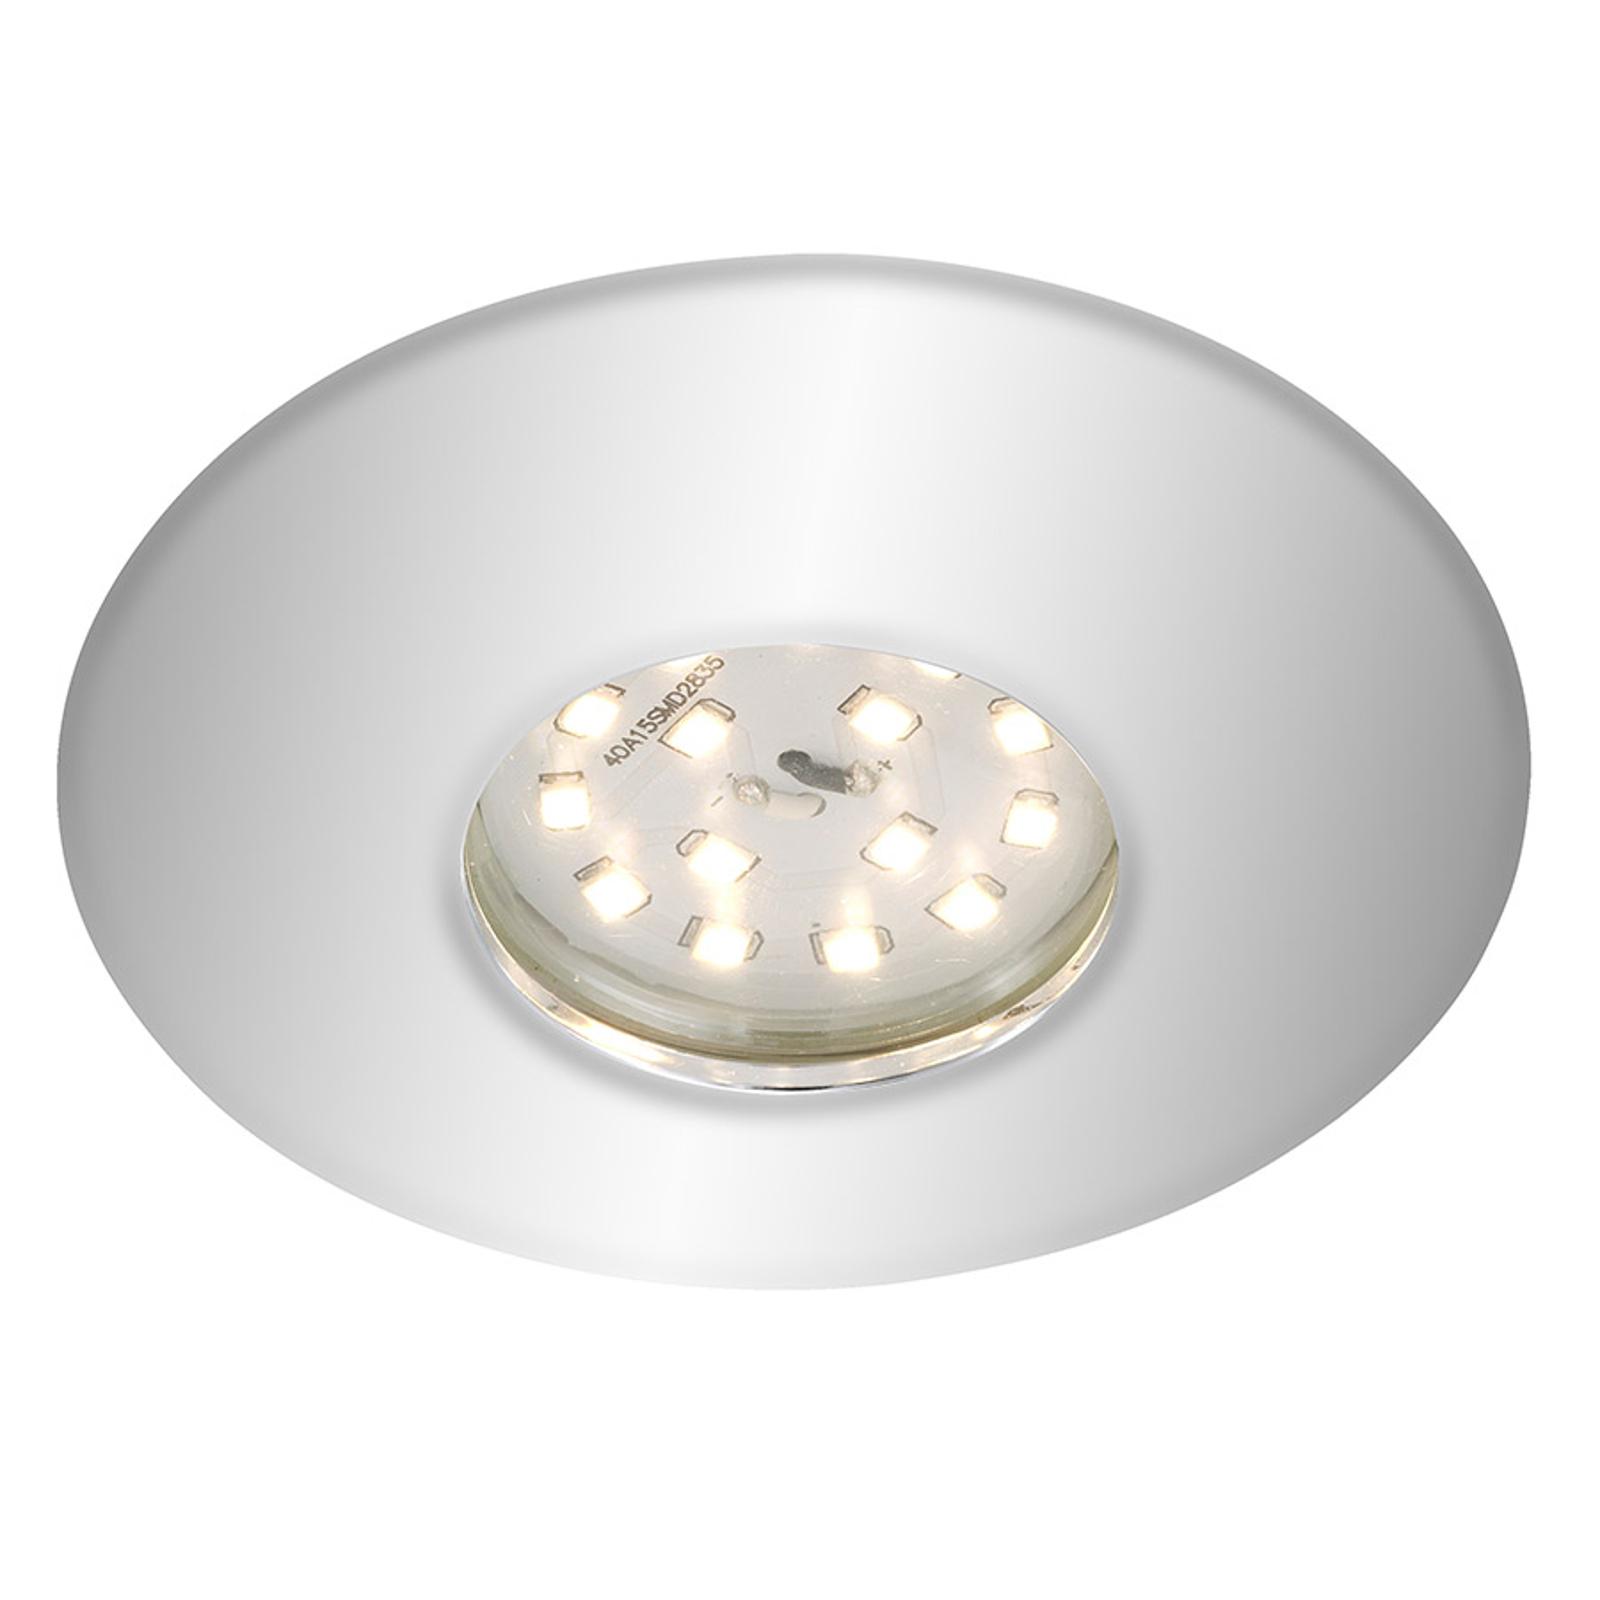 Chromované LED podhledové svítidlo Shower, IP65